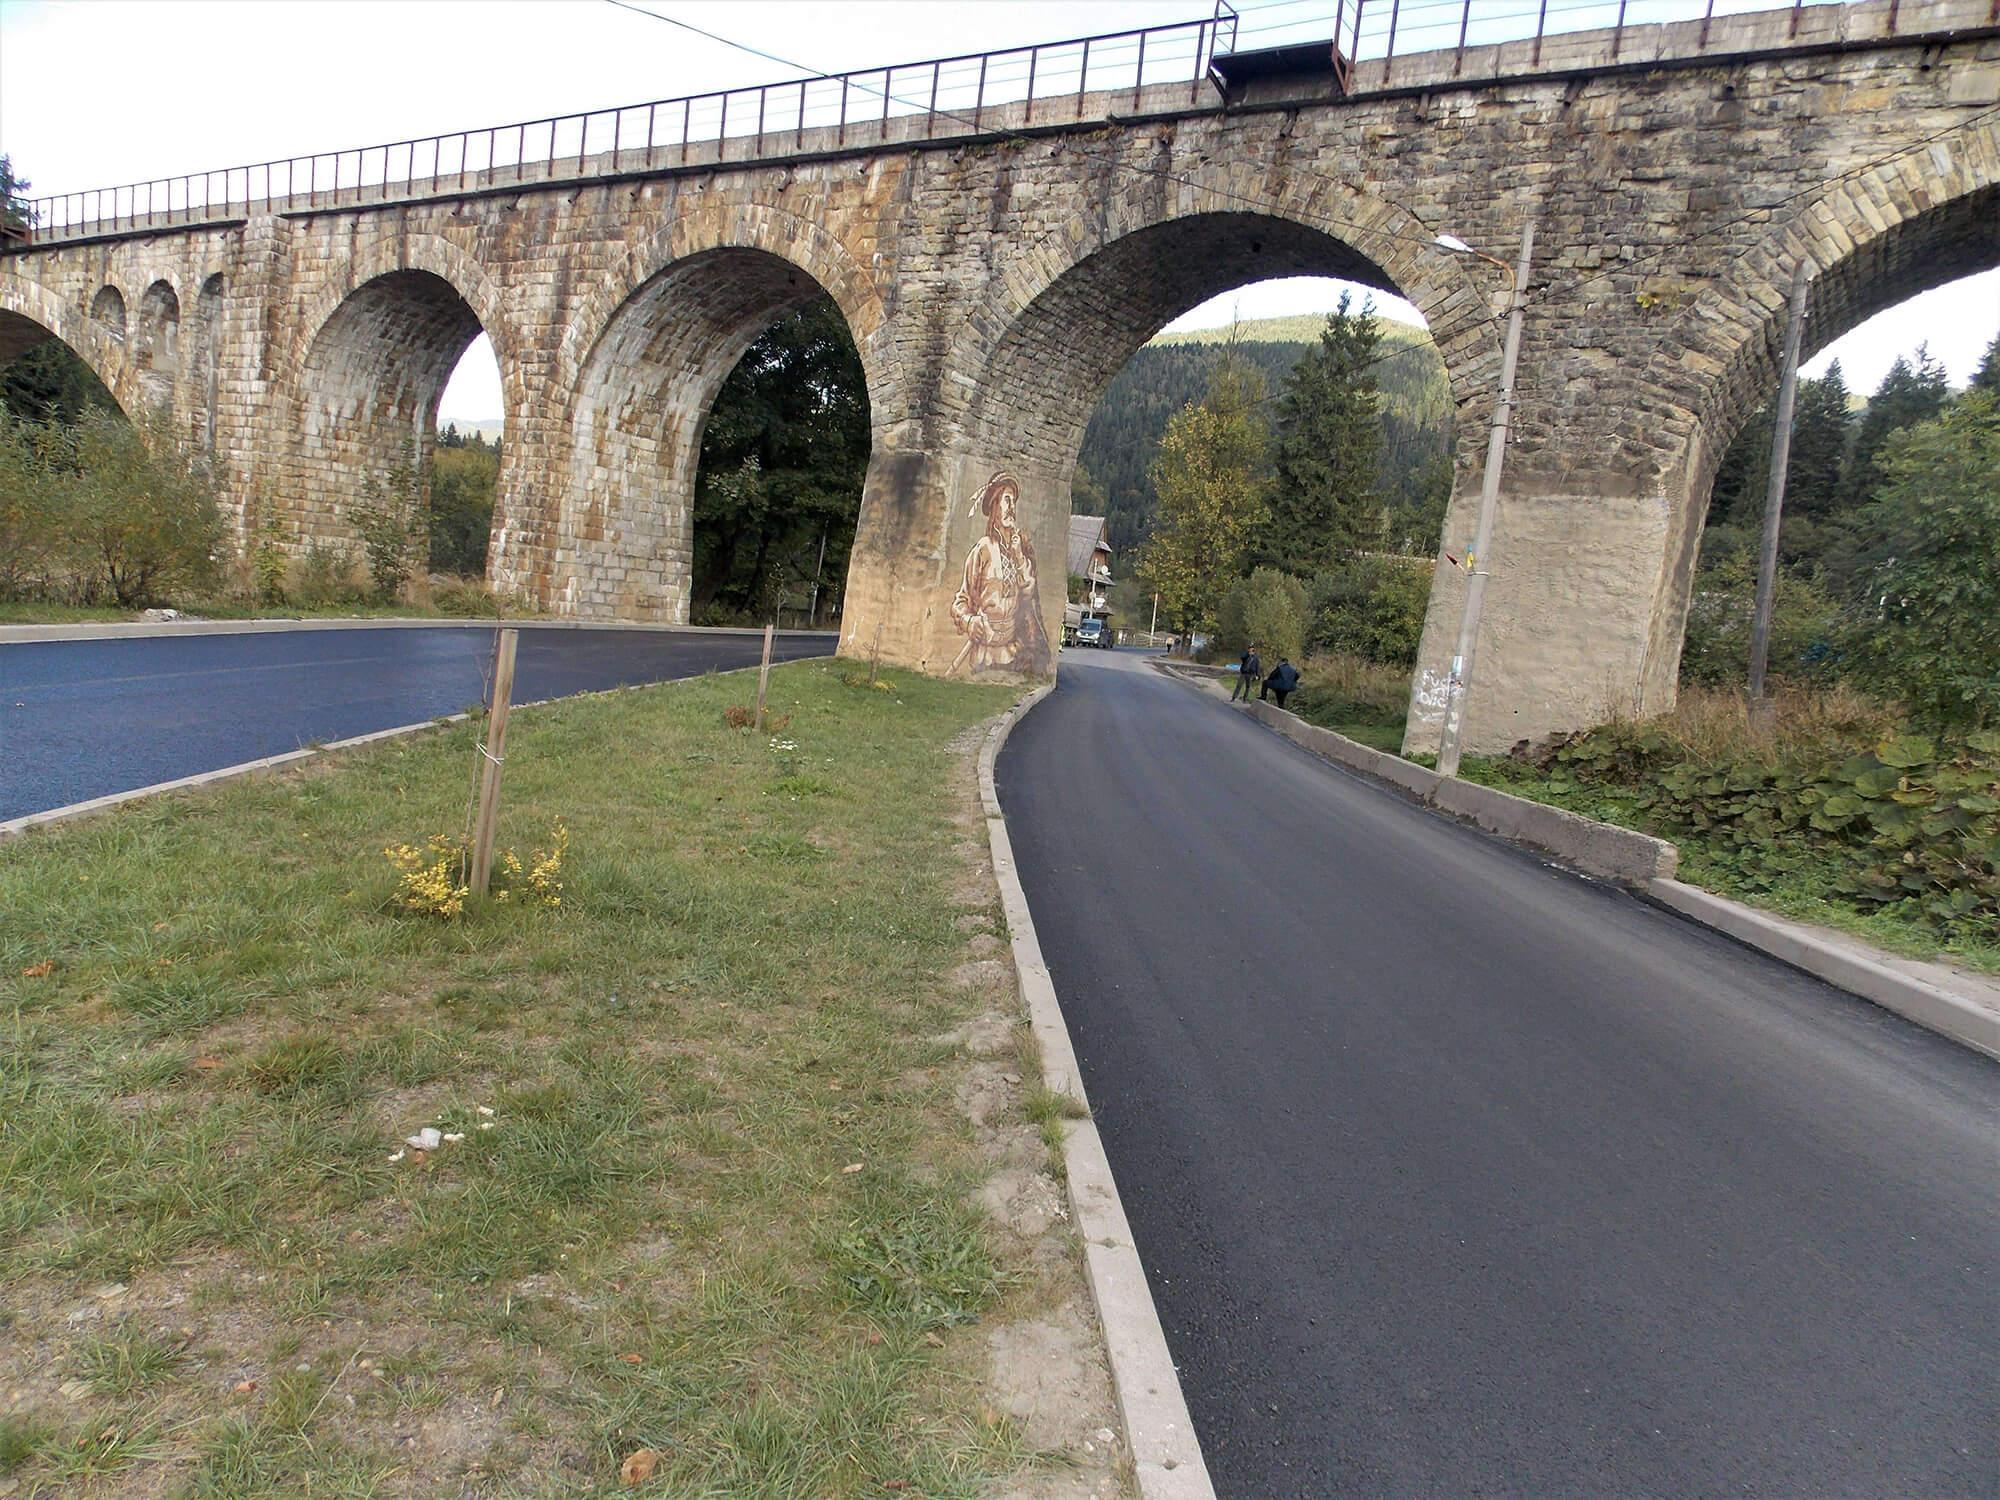 Відтепер під мостом 19 століття у Ворохті можна проїхати відремонтованою дорогою (фотофакт)